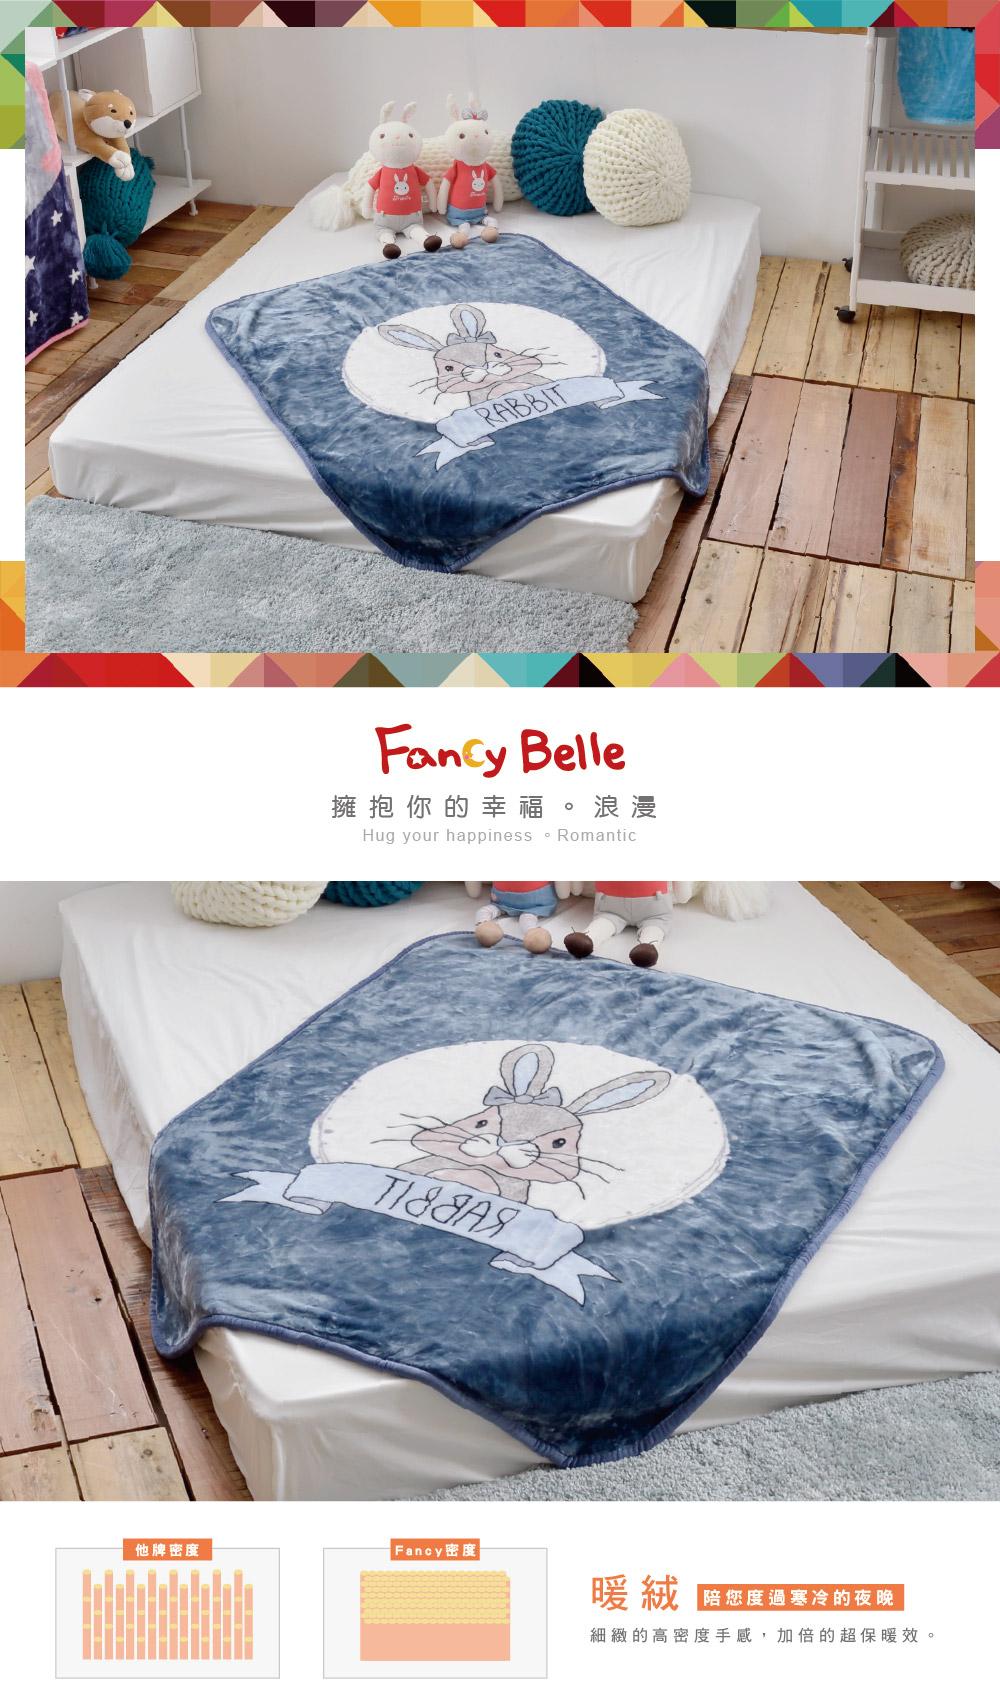 雪芙絨,兒童毯,Fancy Belle